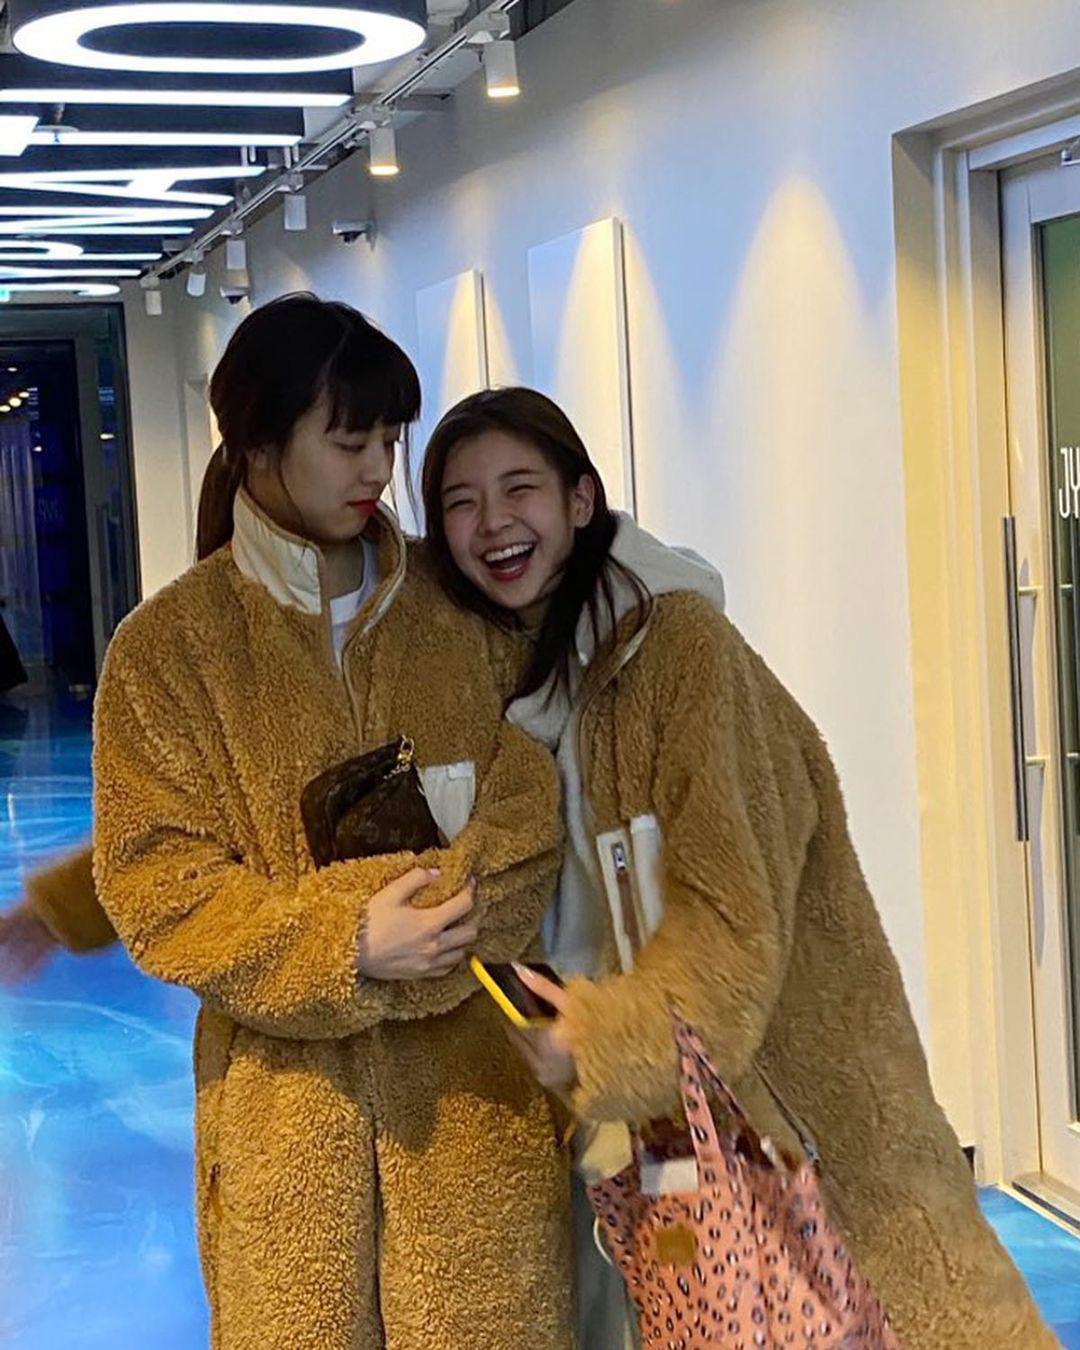 Sao Hàn đang lăng xê mẫu áo khoác lông cừu, mặc vào là tự tin chiến với mùa lạnh này luôn - Ảnh 9.